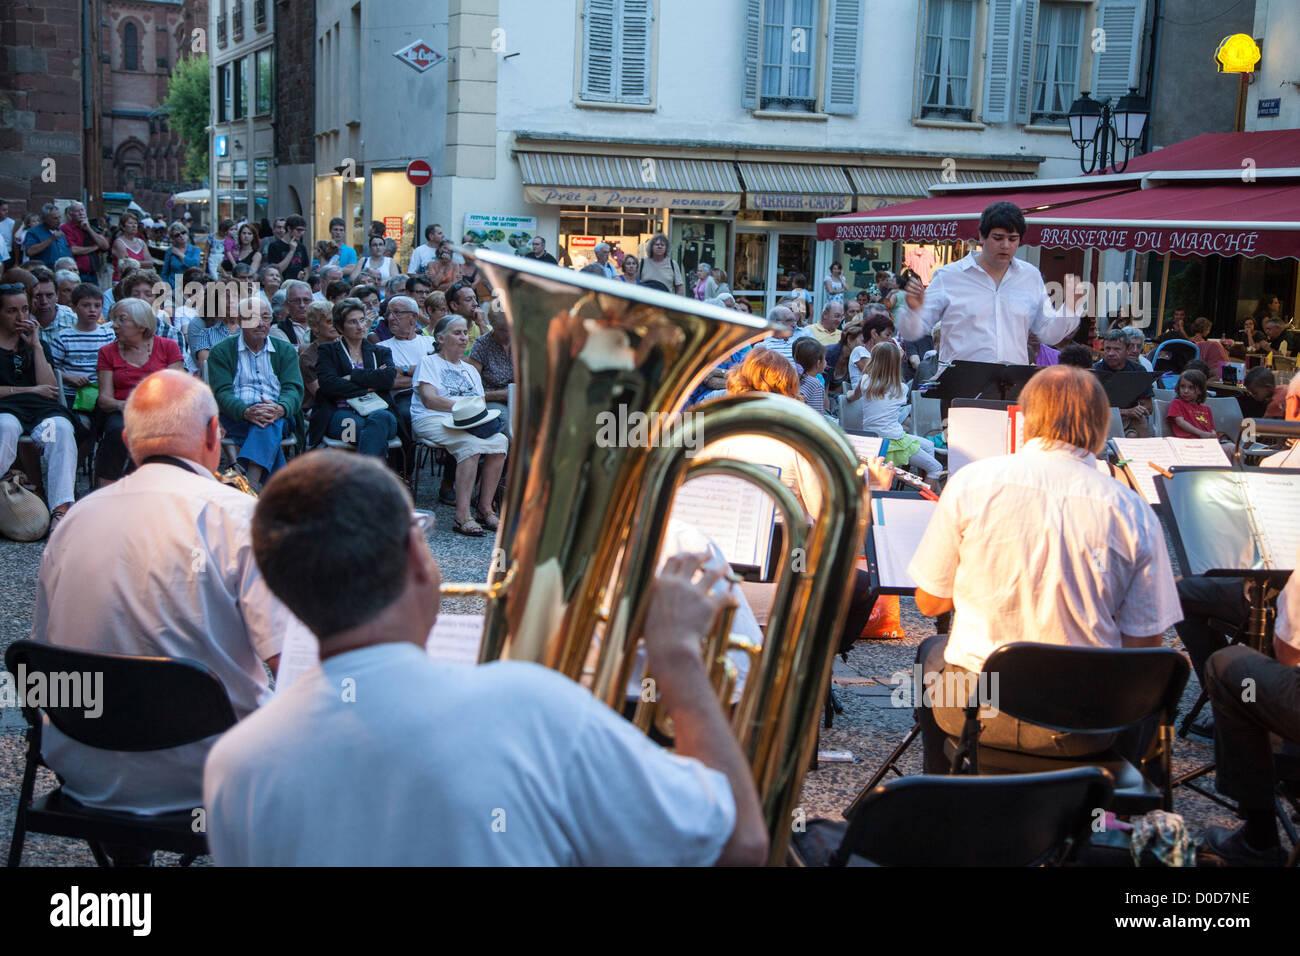 Animation musicale LE SOIR, FARMER'S MARKET ESPALION AVEYRON (12) FRANCE Photo Stock